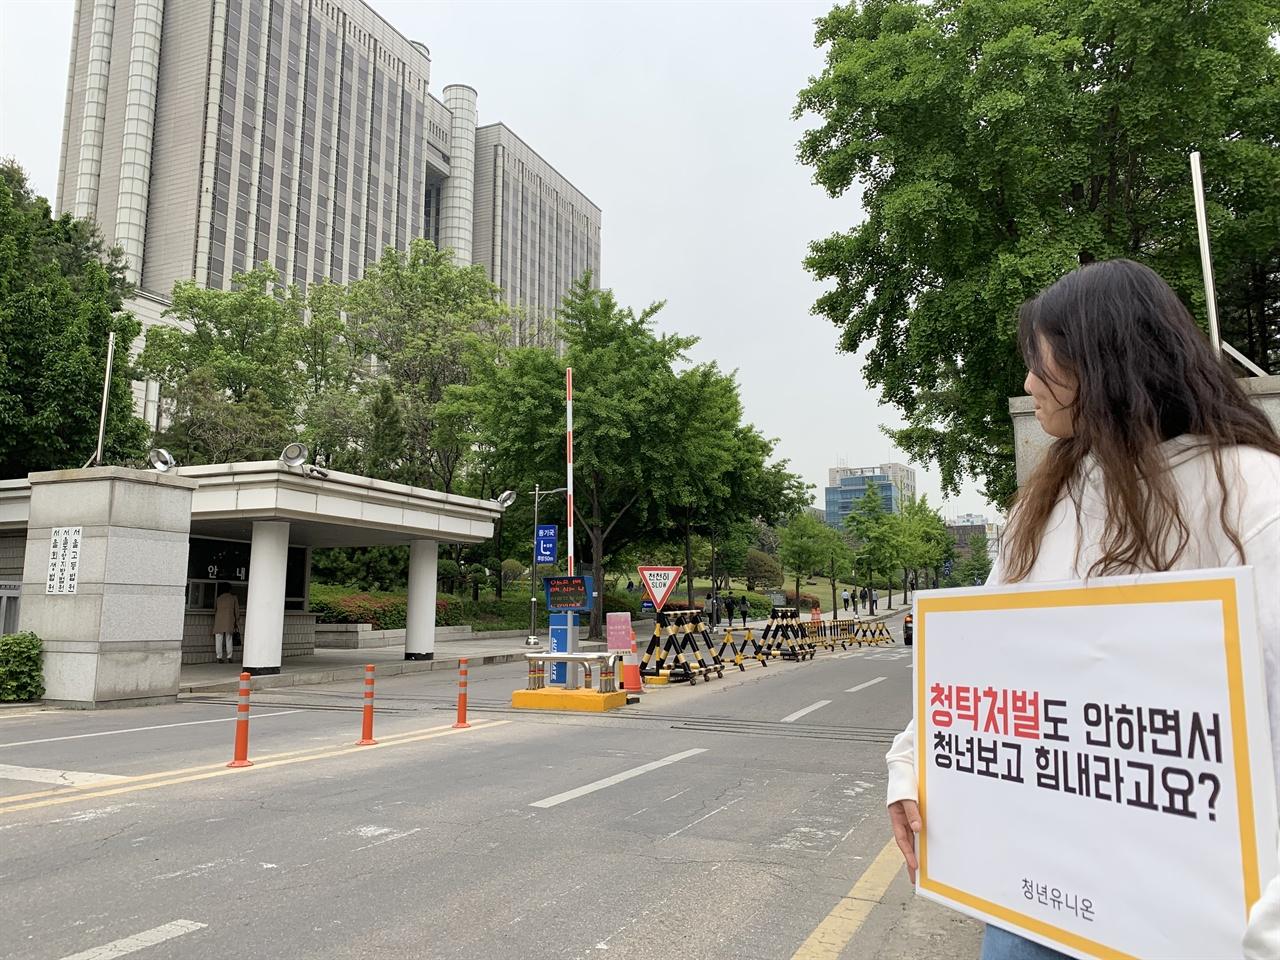 """채용 청탁자 처벌을 촉구하는 피캣 시위 2019년 5월 13일, 권성동 결심 재판 날 시민사회 활동가들이 """"채용비리 청탁자 처벌도 안하며, 청년보고 힘내라고요?""""라는 피켓 문구를 들고 법원 앞에 서있다"""